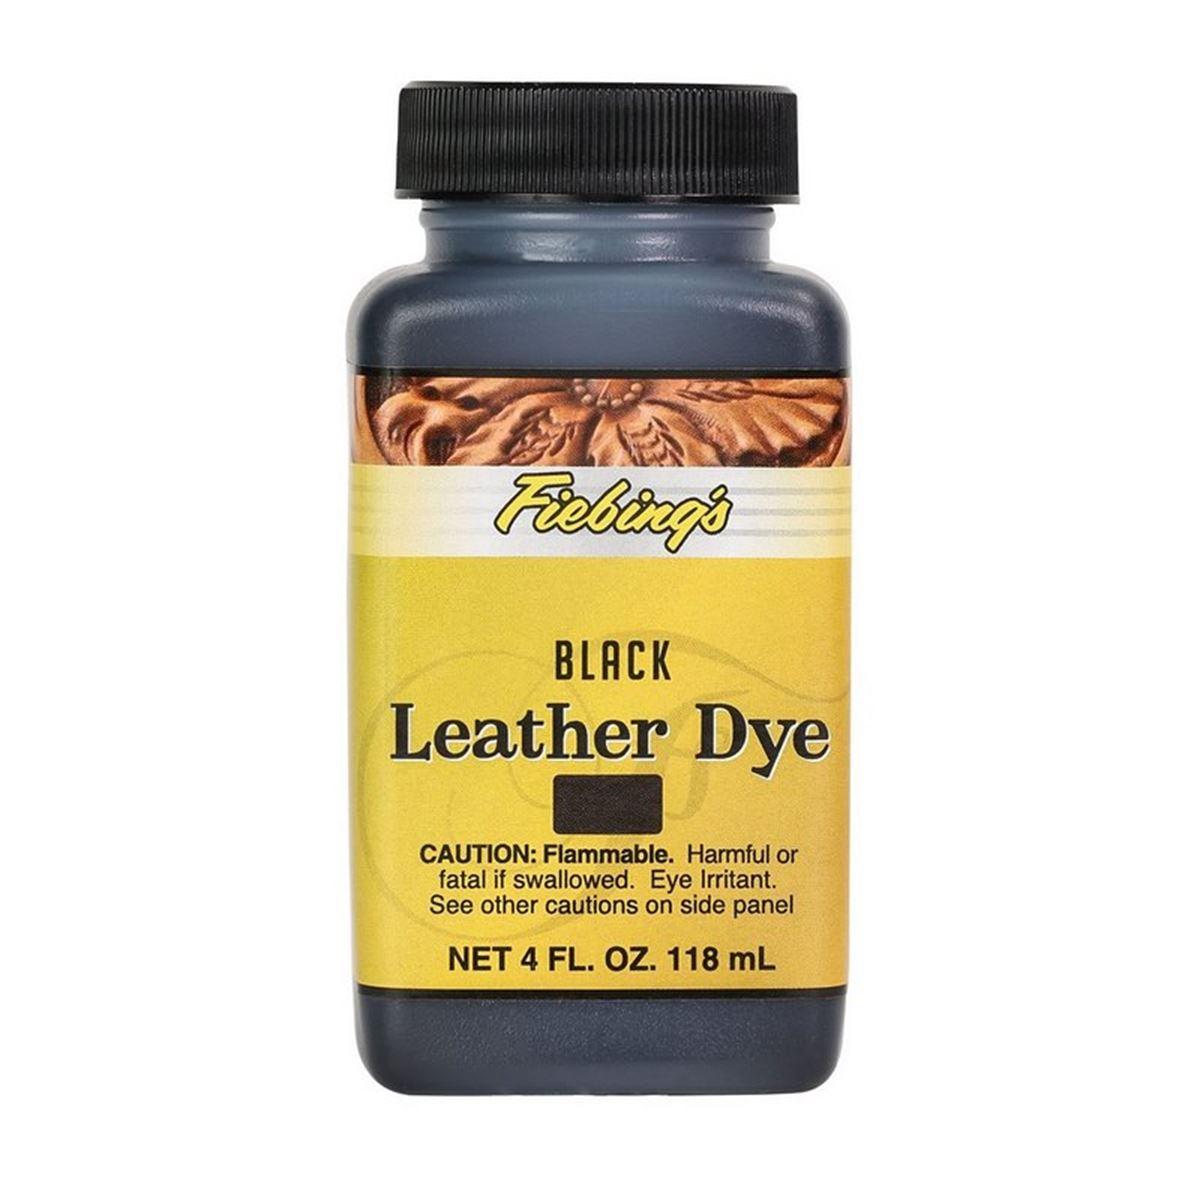 Teinture pour cuir FIEBING'S Leather dye - NOIR - BLACK